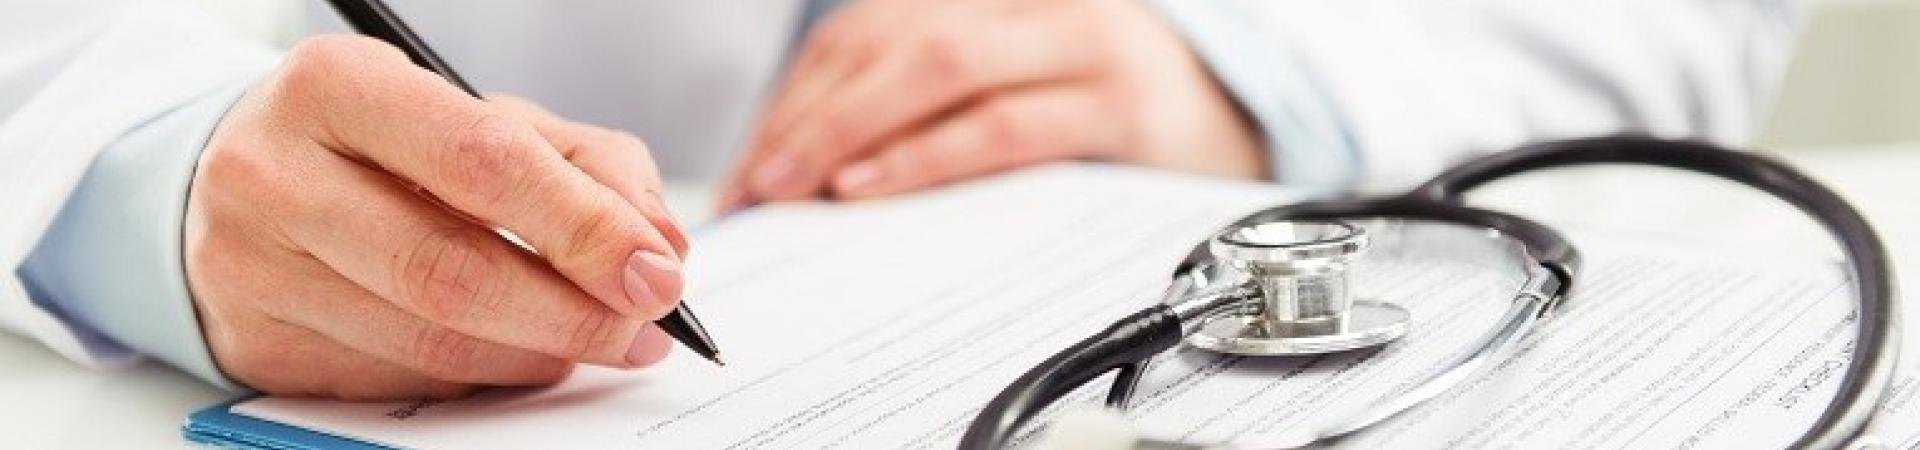 Douarnenez cherche ses médecins généralistes